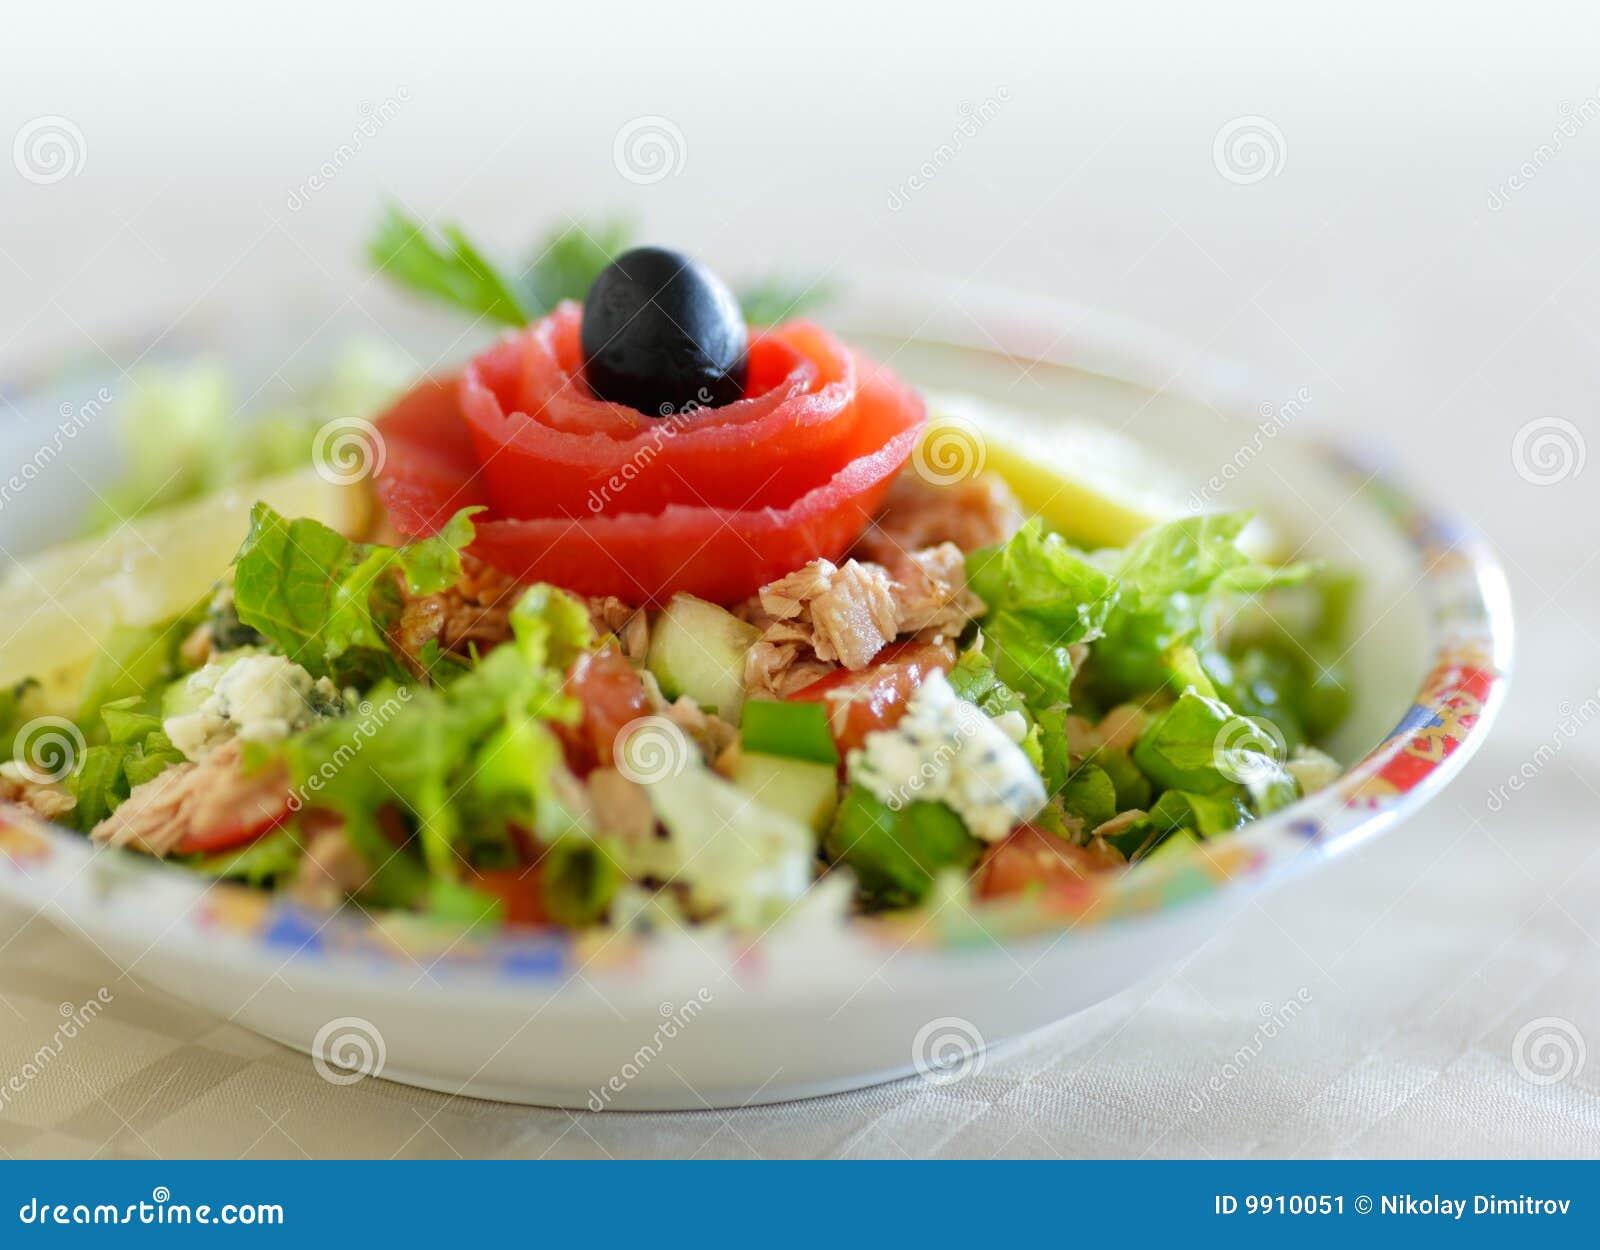 Tuna Fish Salad Stock Image - Image: 9910051